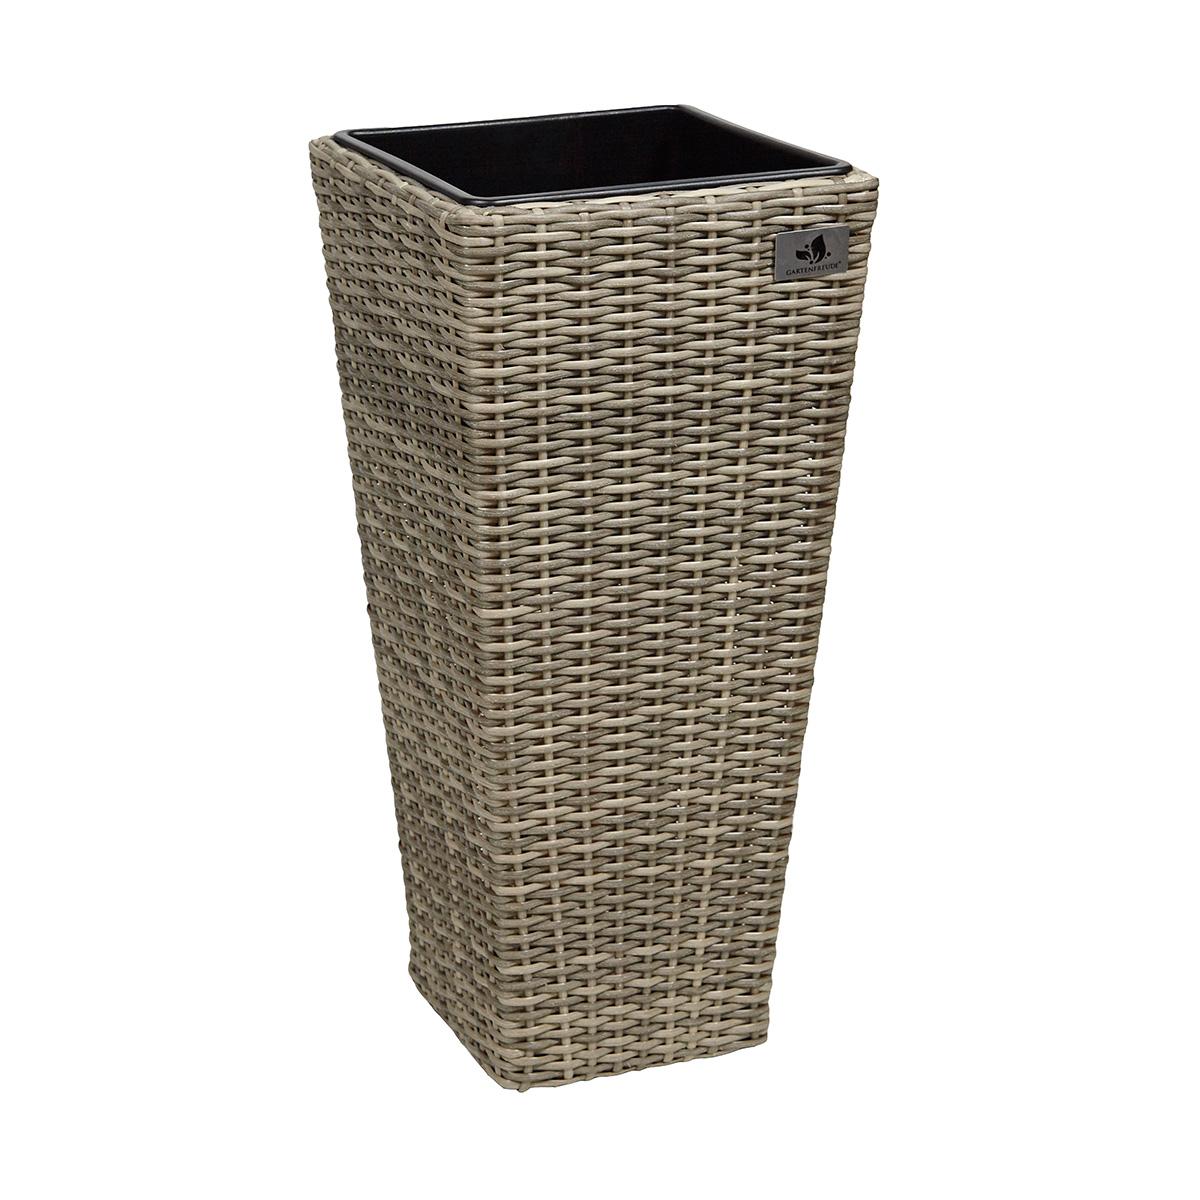 pflanzk bel polyrattan f r innen und au en 28 x 28 x 60 cm gartenfreude. Black Bedroom Furniture Sets. Home Design Ideas